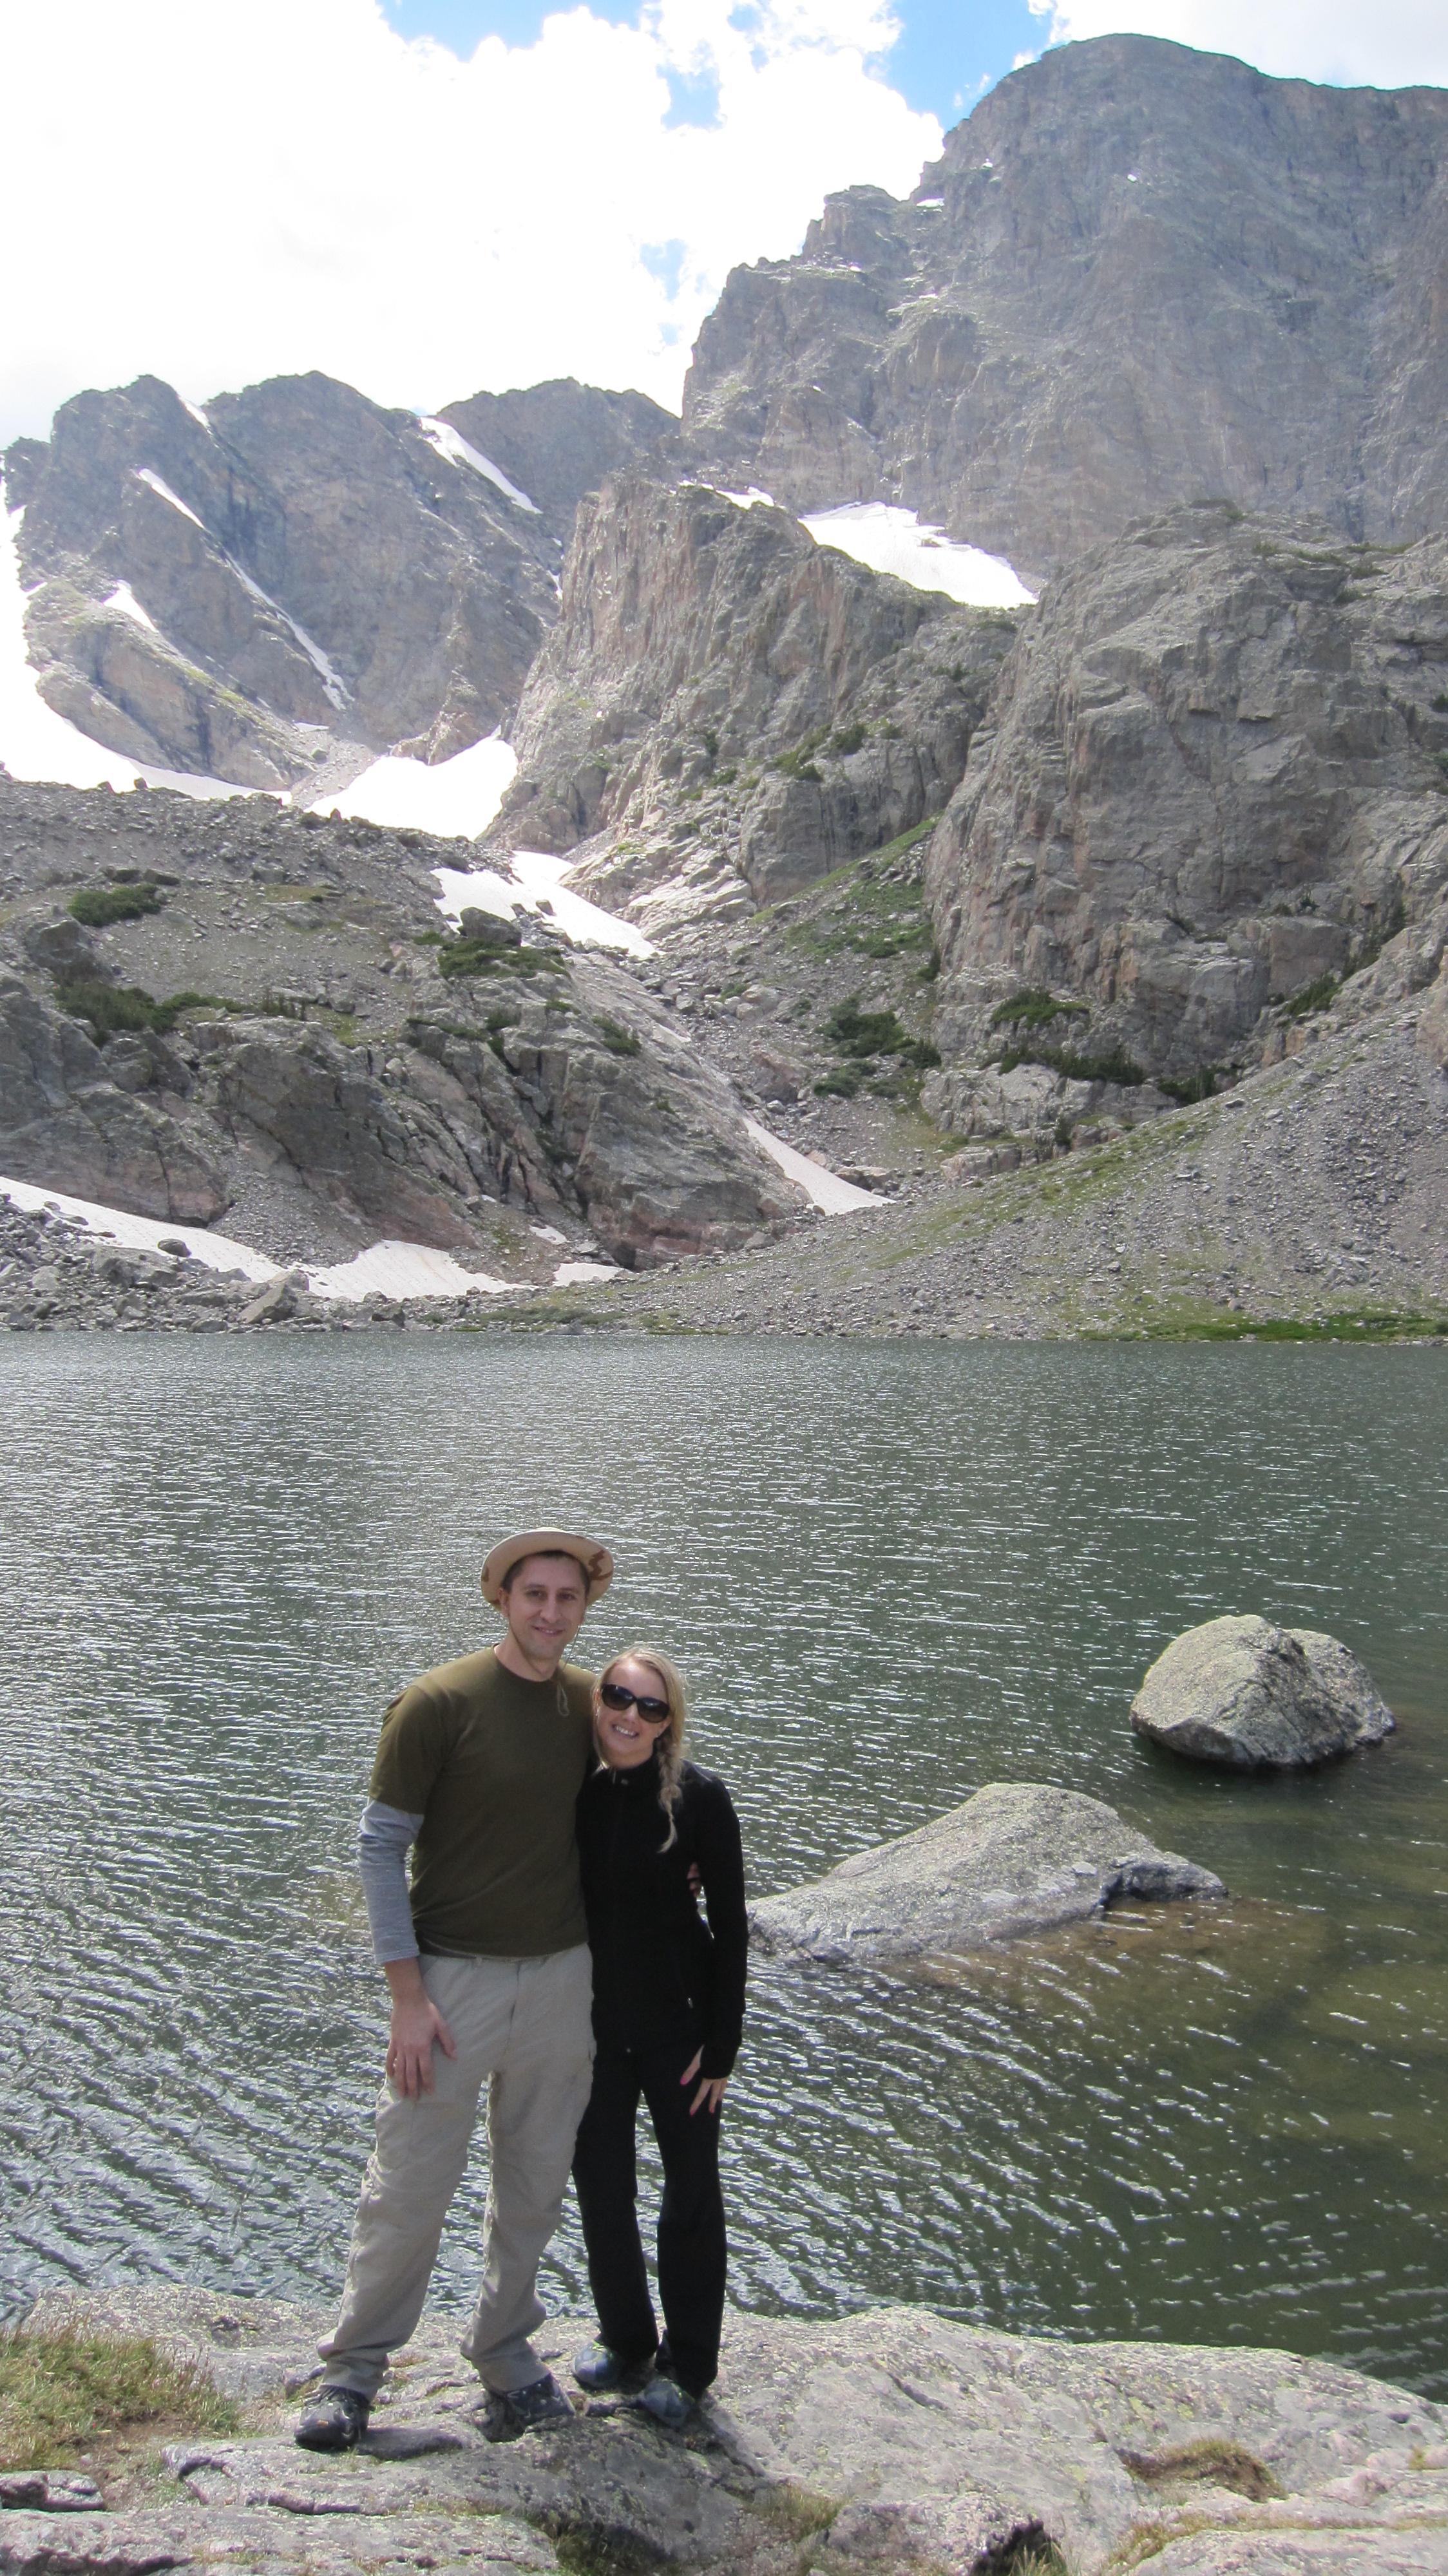 Sky Pond via Glacier Gorge Trail, Rocky Mountain National Park, CO